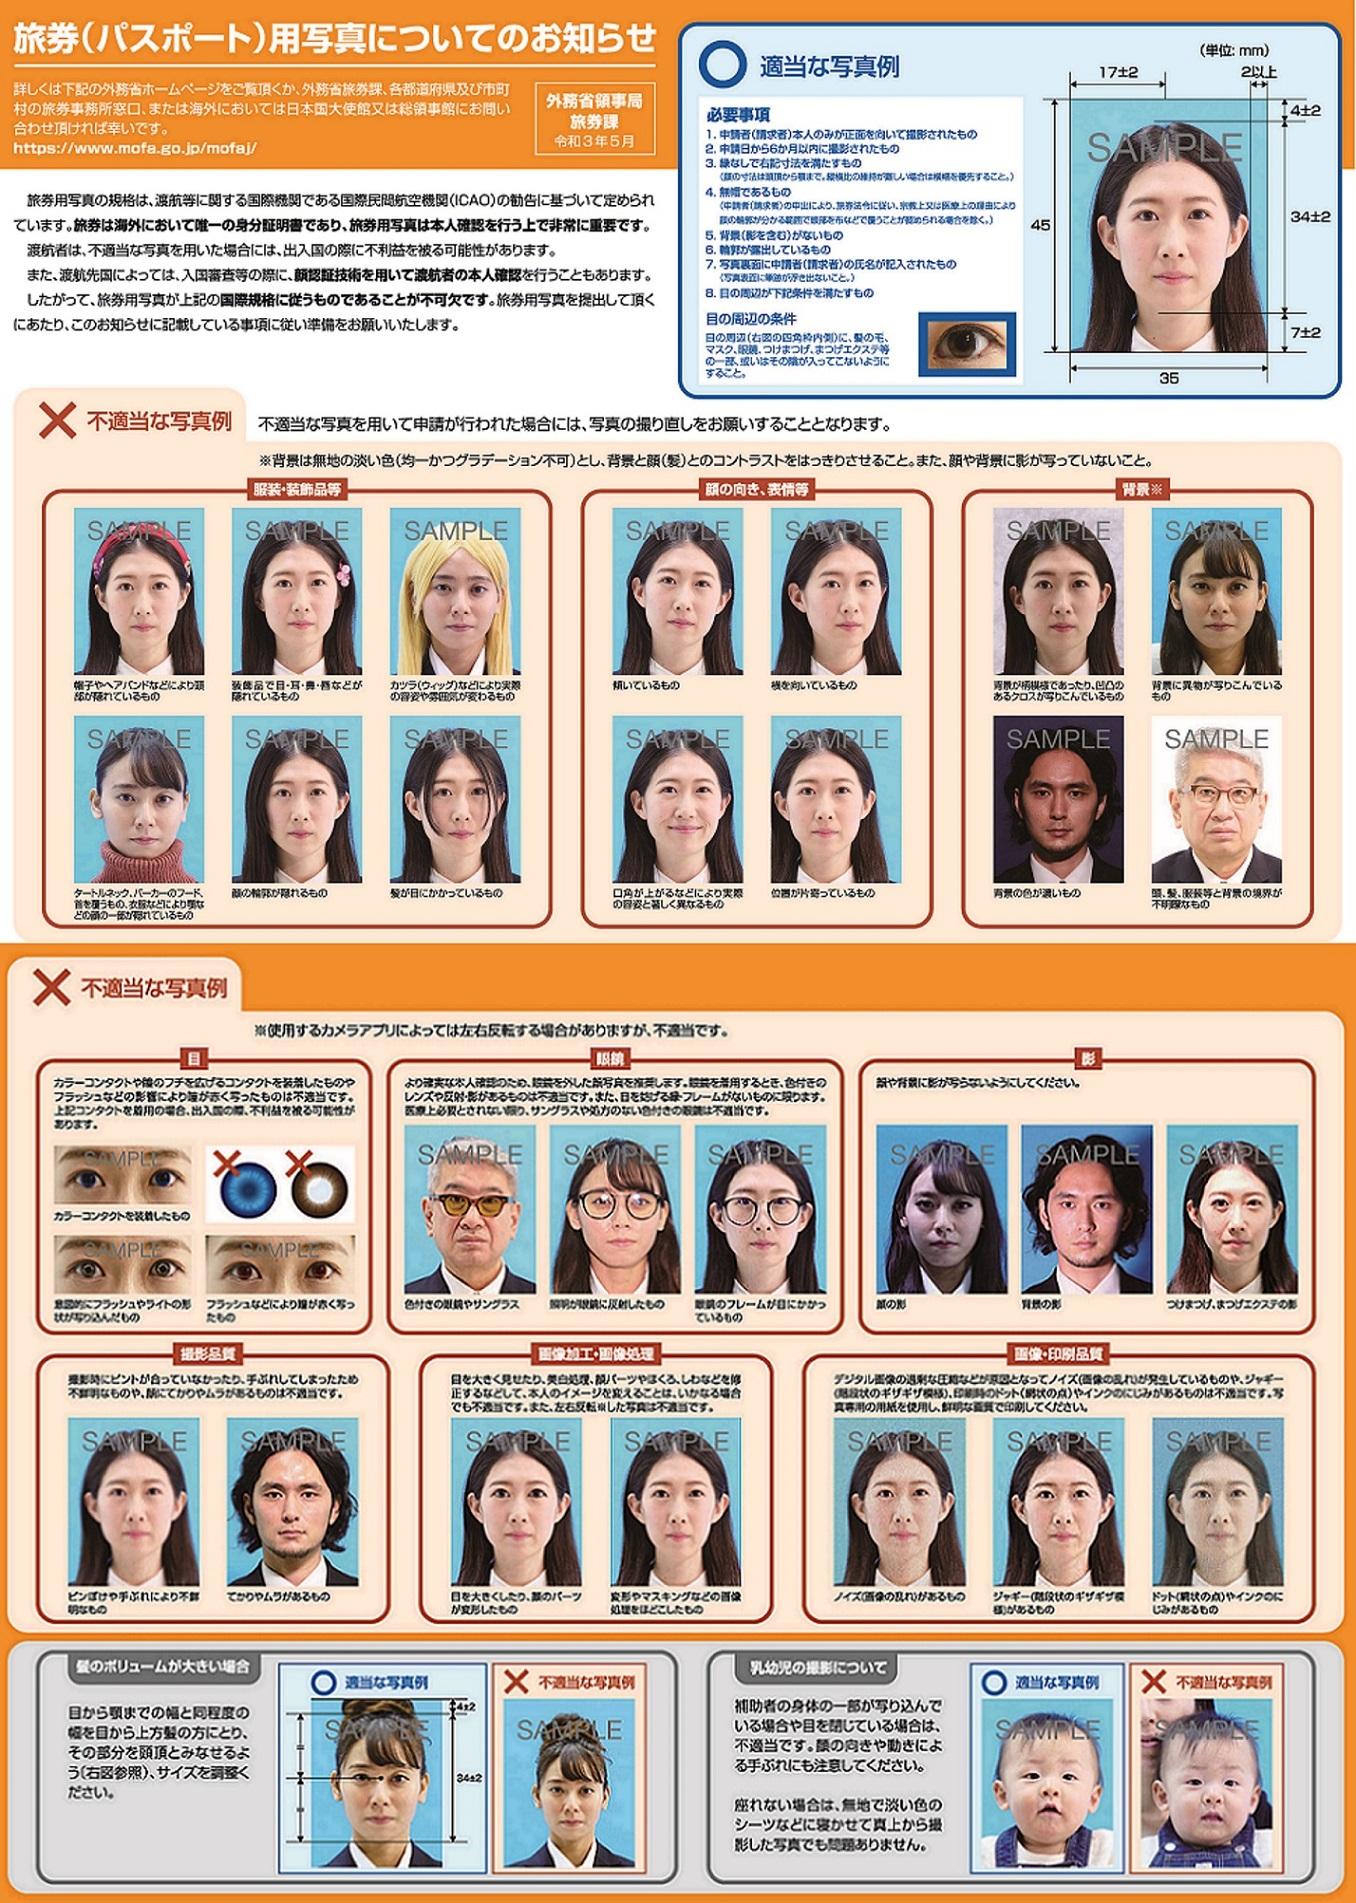 センター 市川 パスポート 旅券(パスポート)申請から受取まで